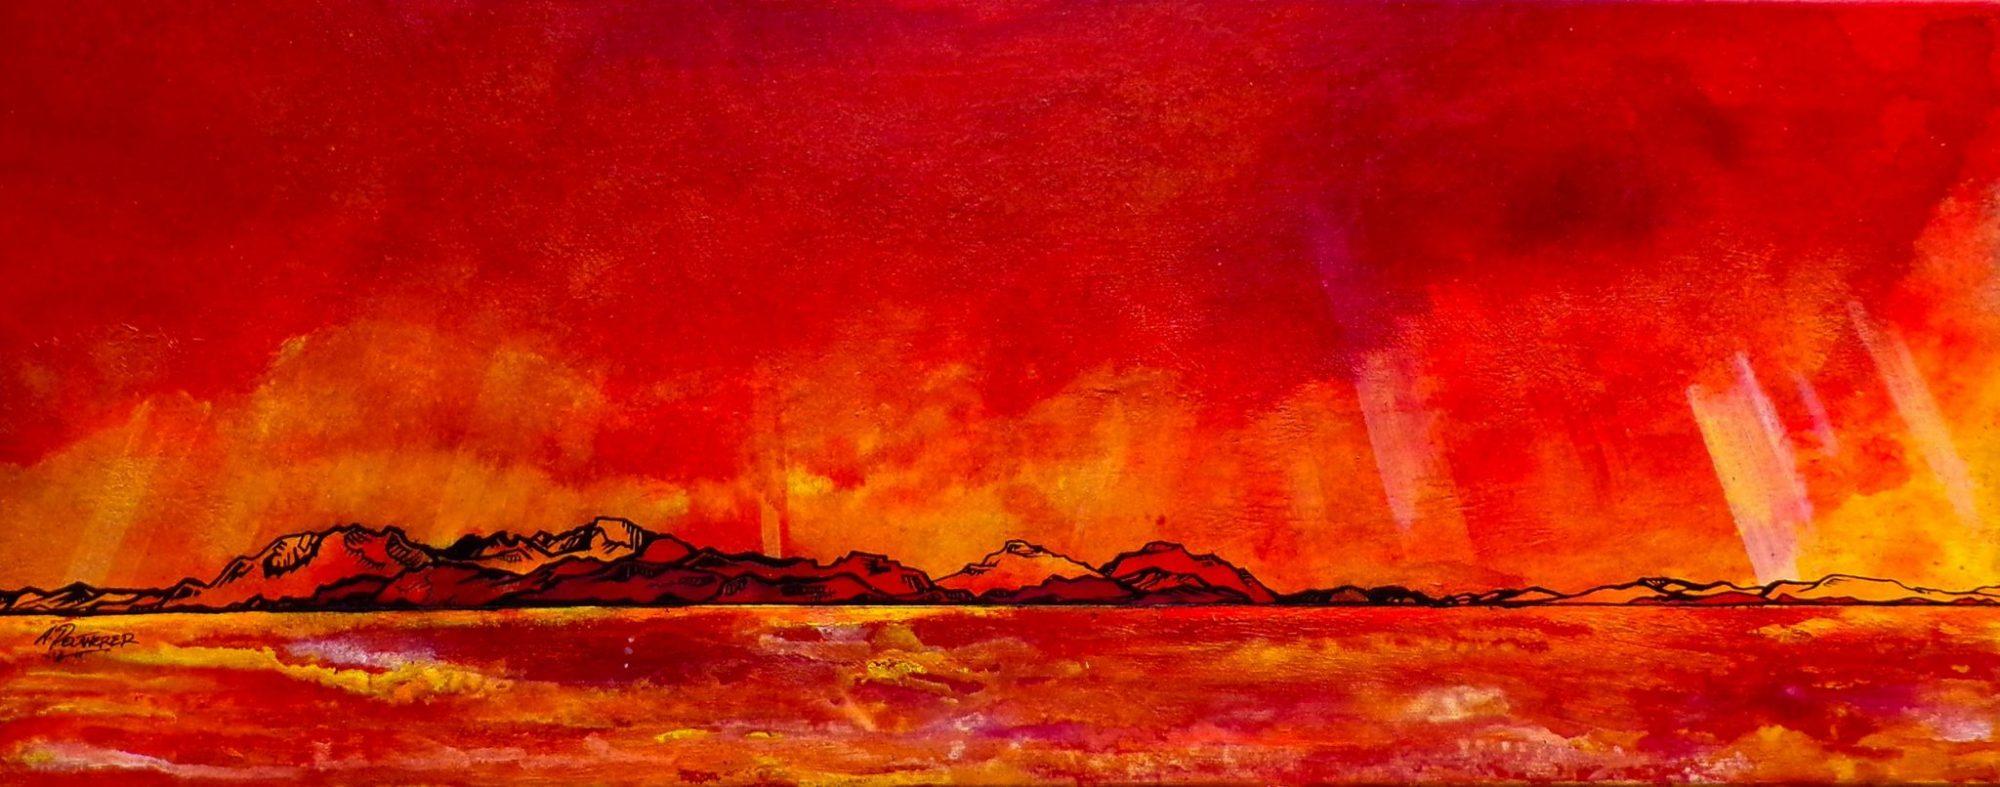 Ettrick Bay, Bute - Arran Dusk - An original canvas painting & prints